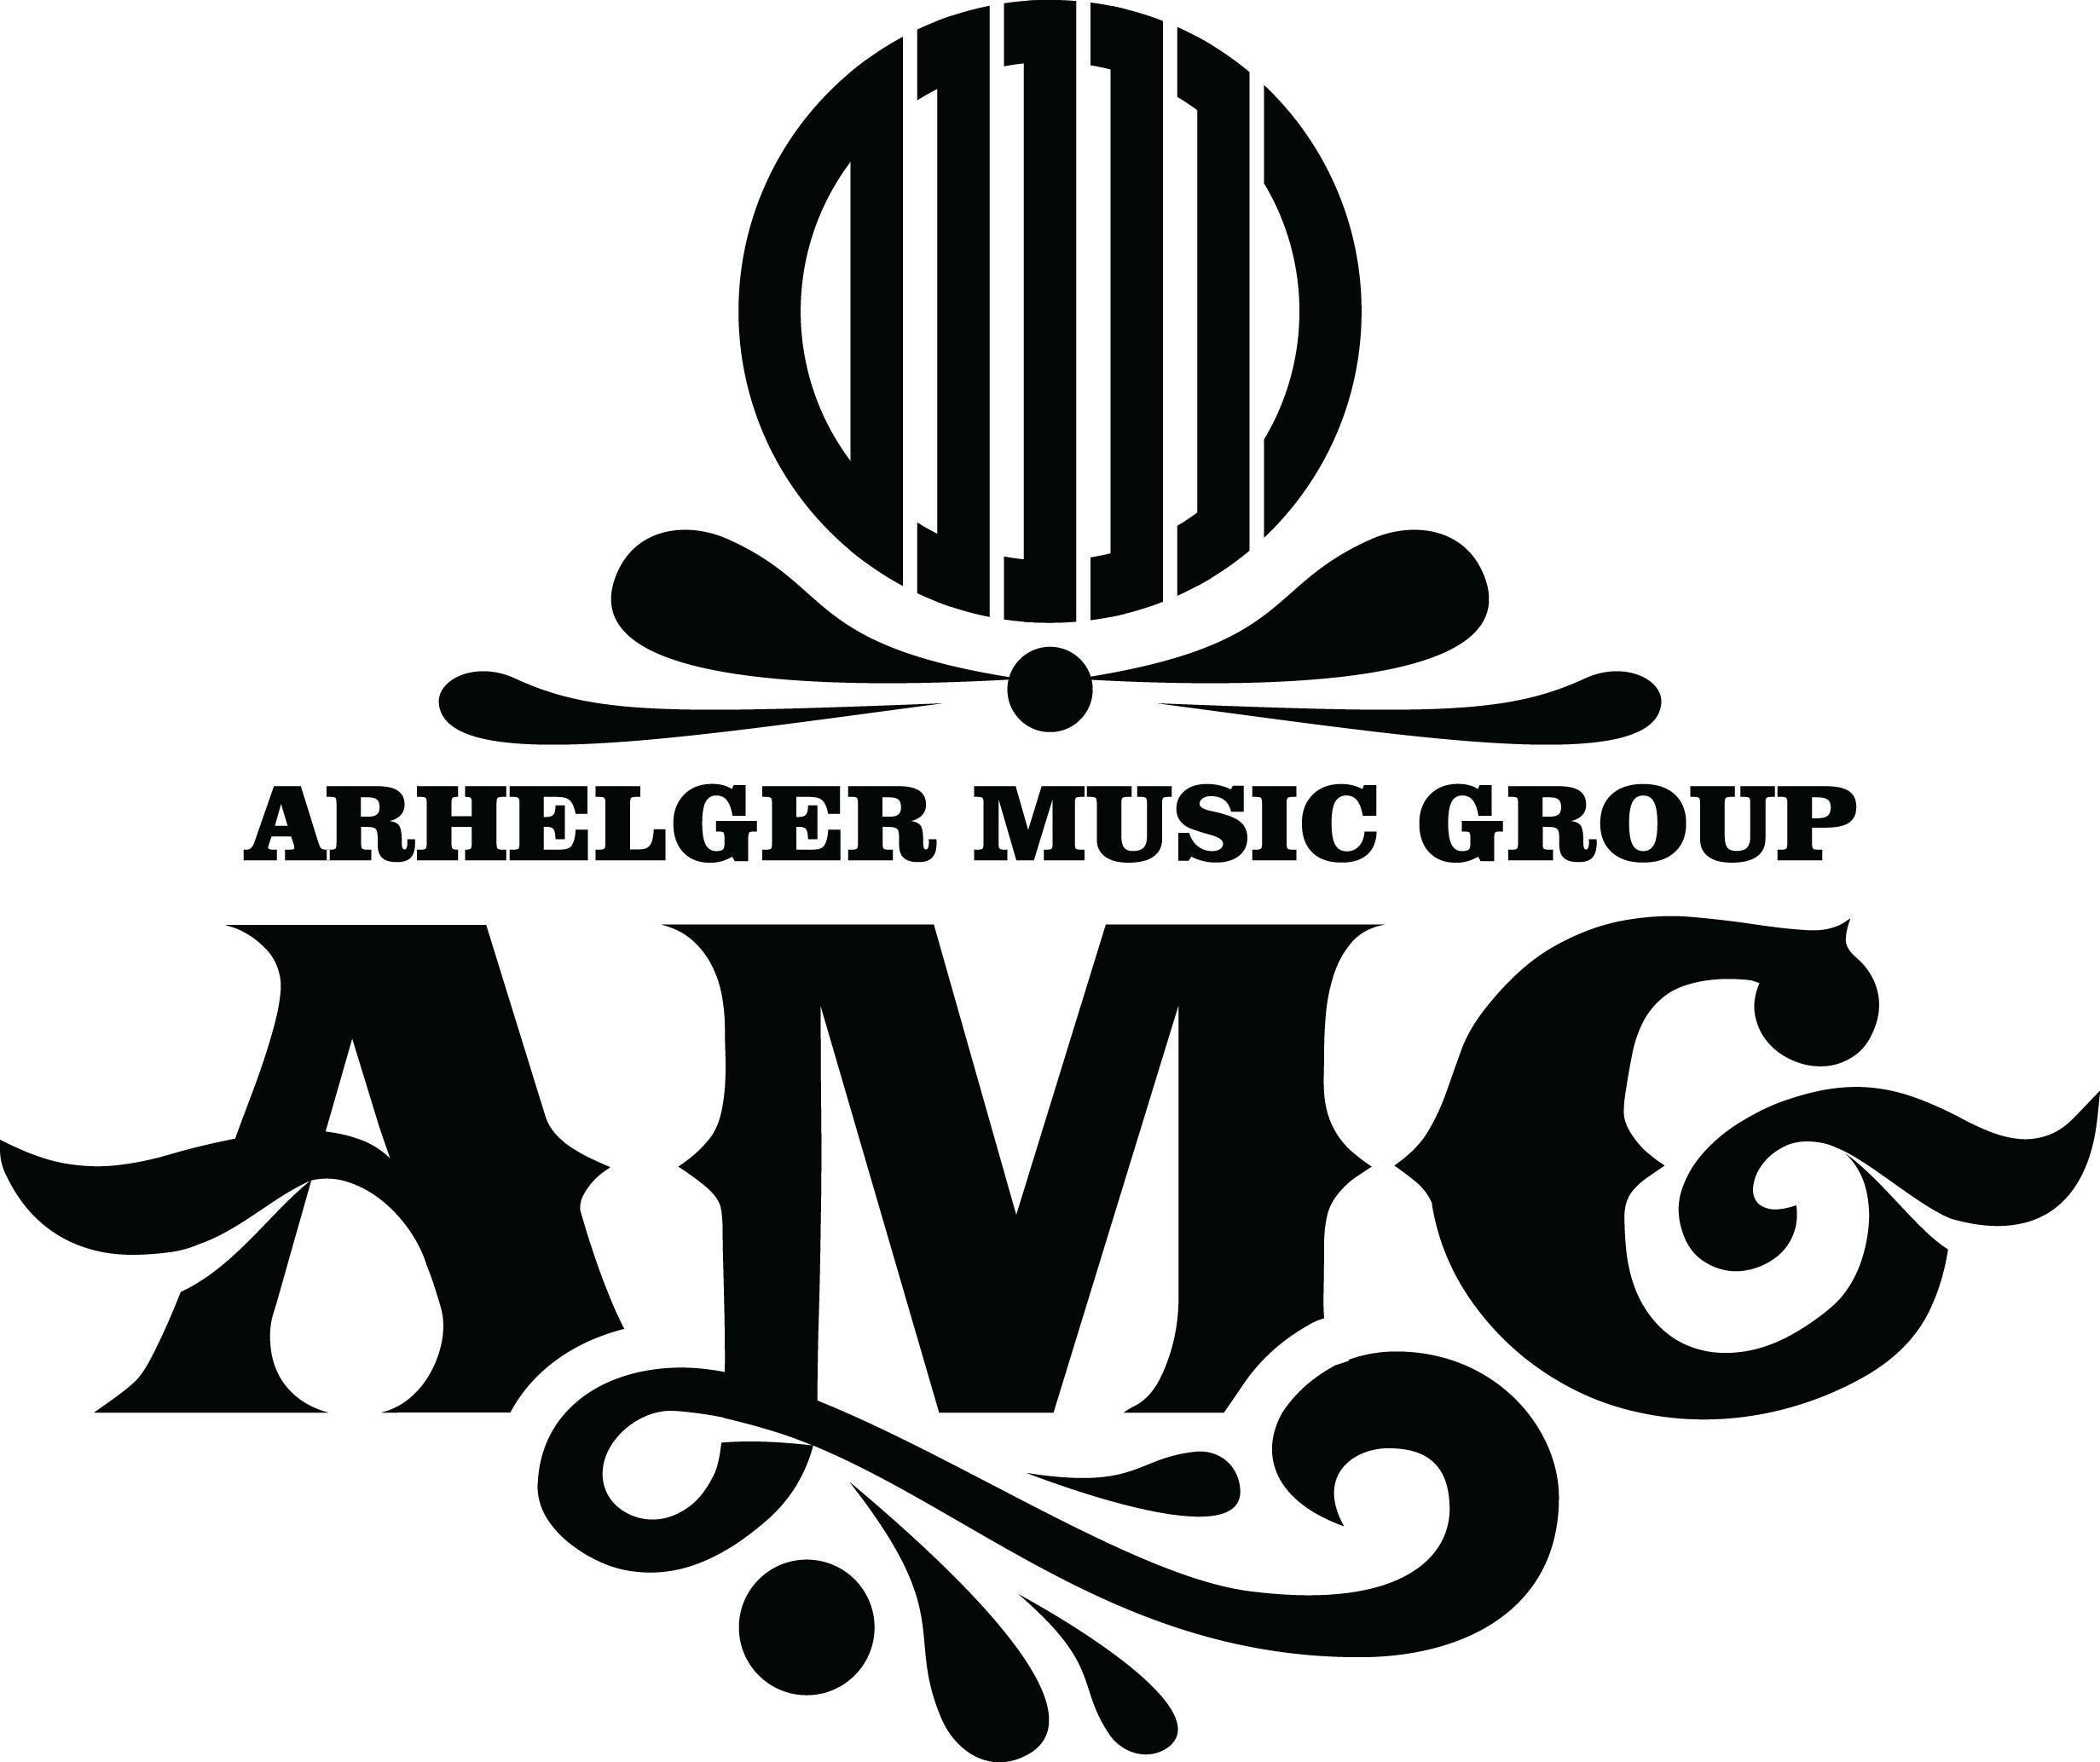 Jerry Arhelger Music